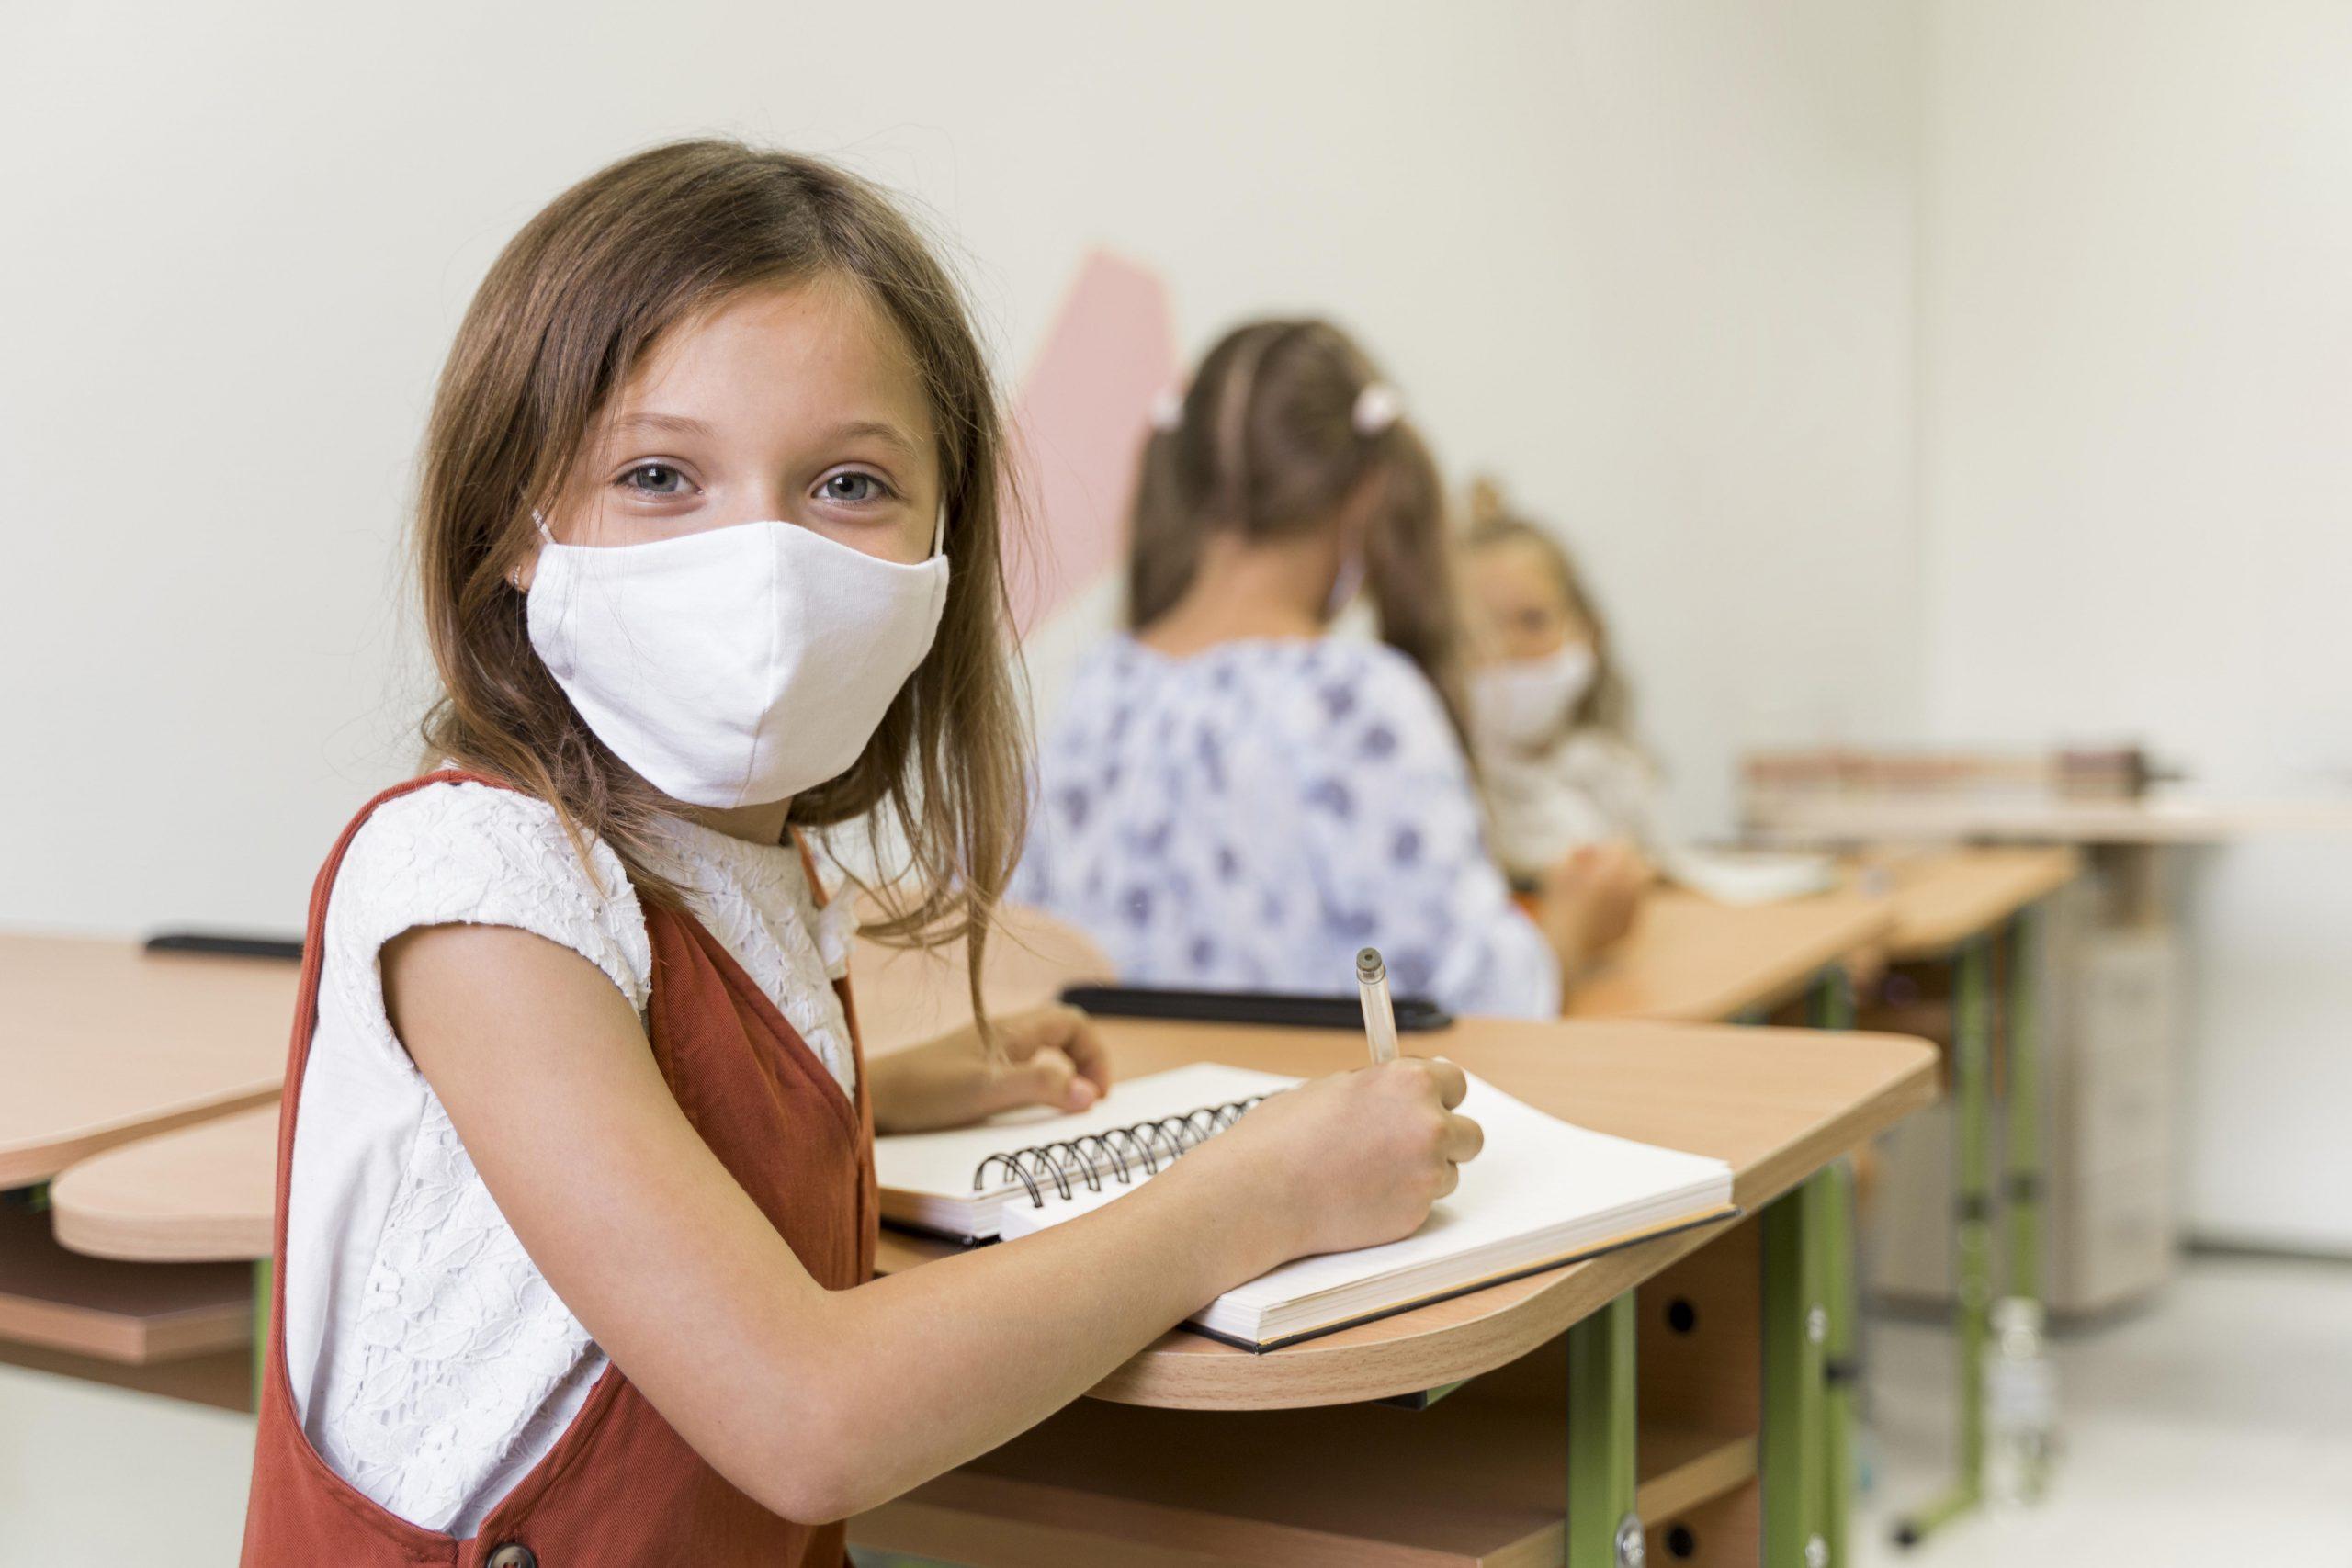 תלמידה בכיתה עם מסיכת קורונה